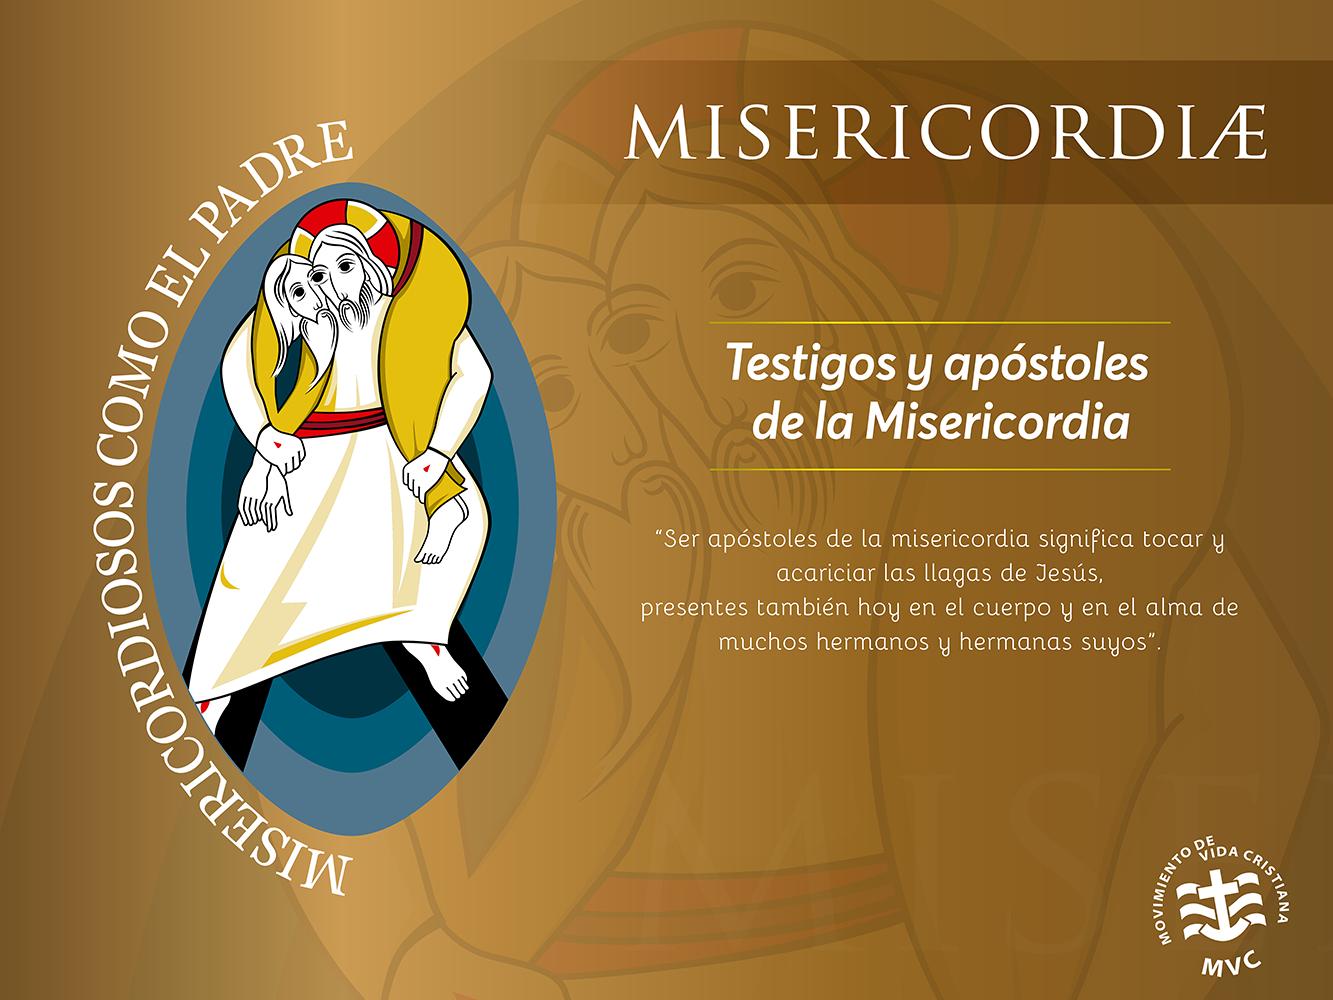 Misericordiae 7-01